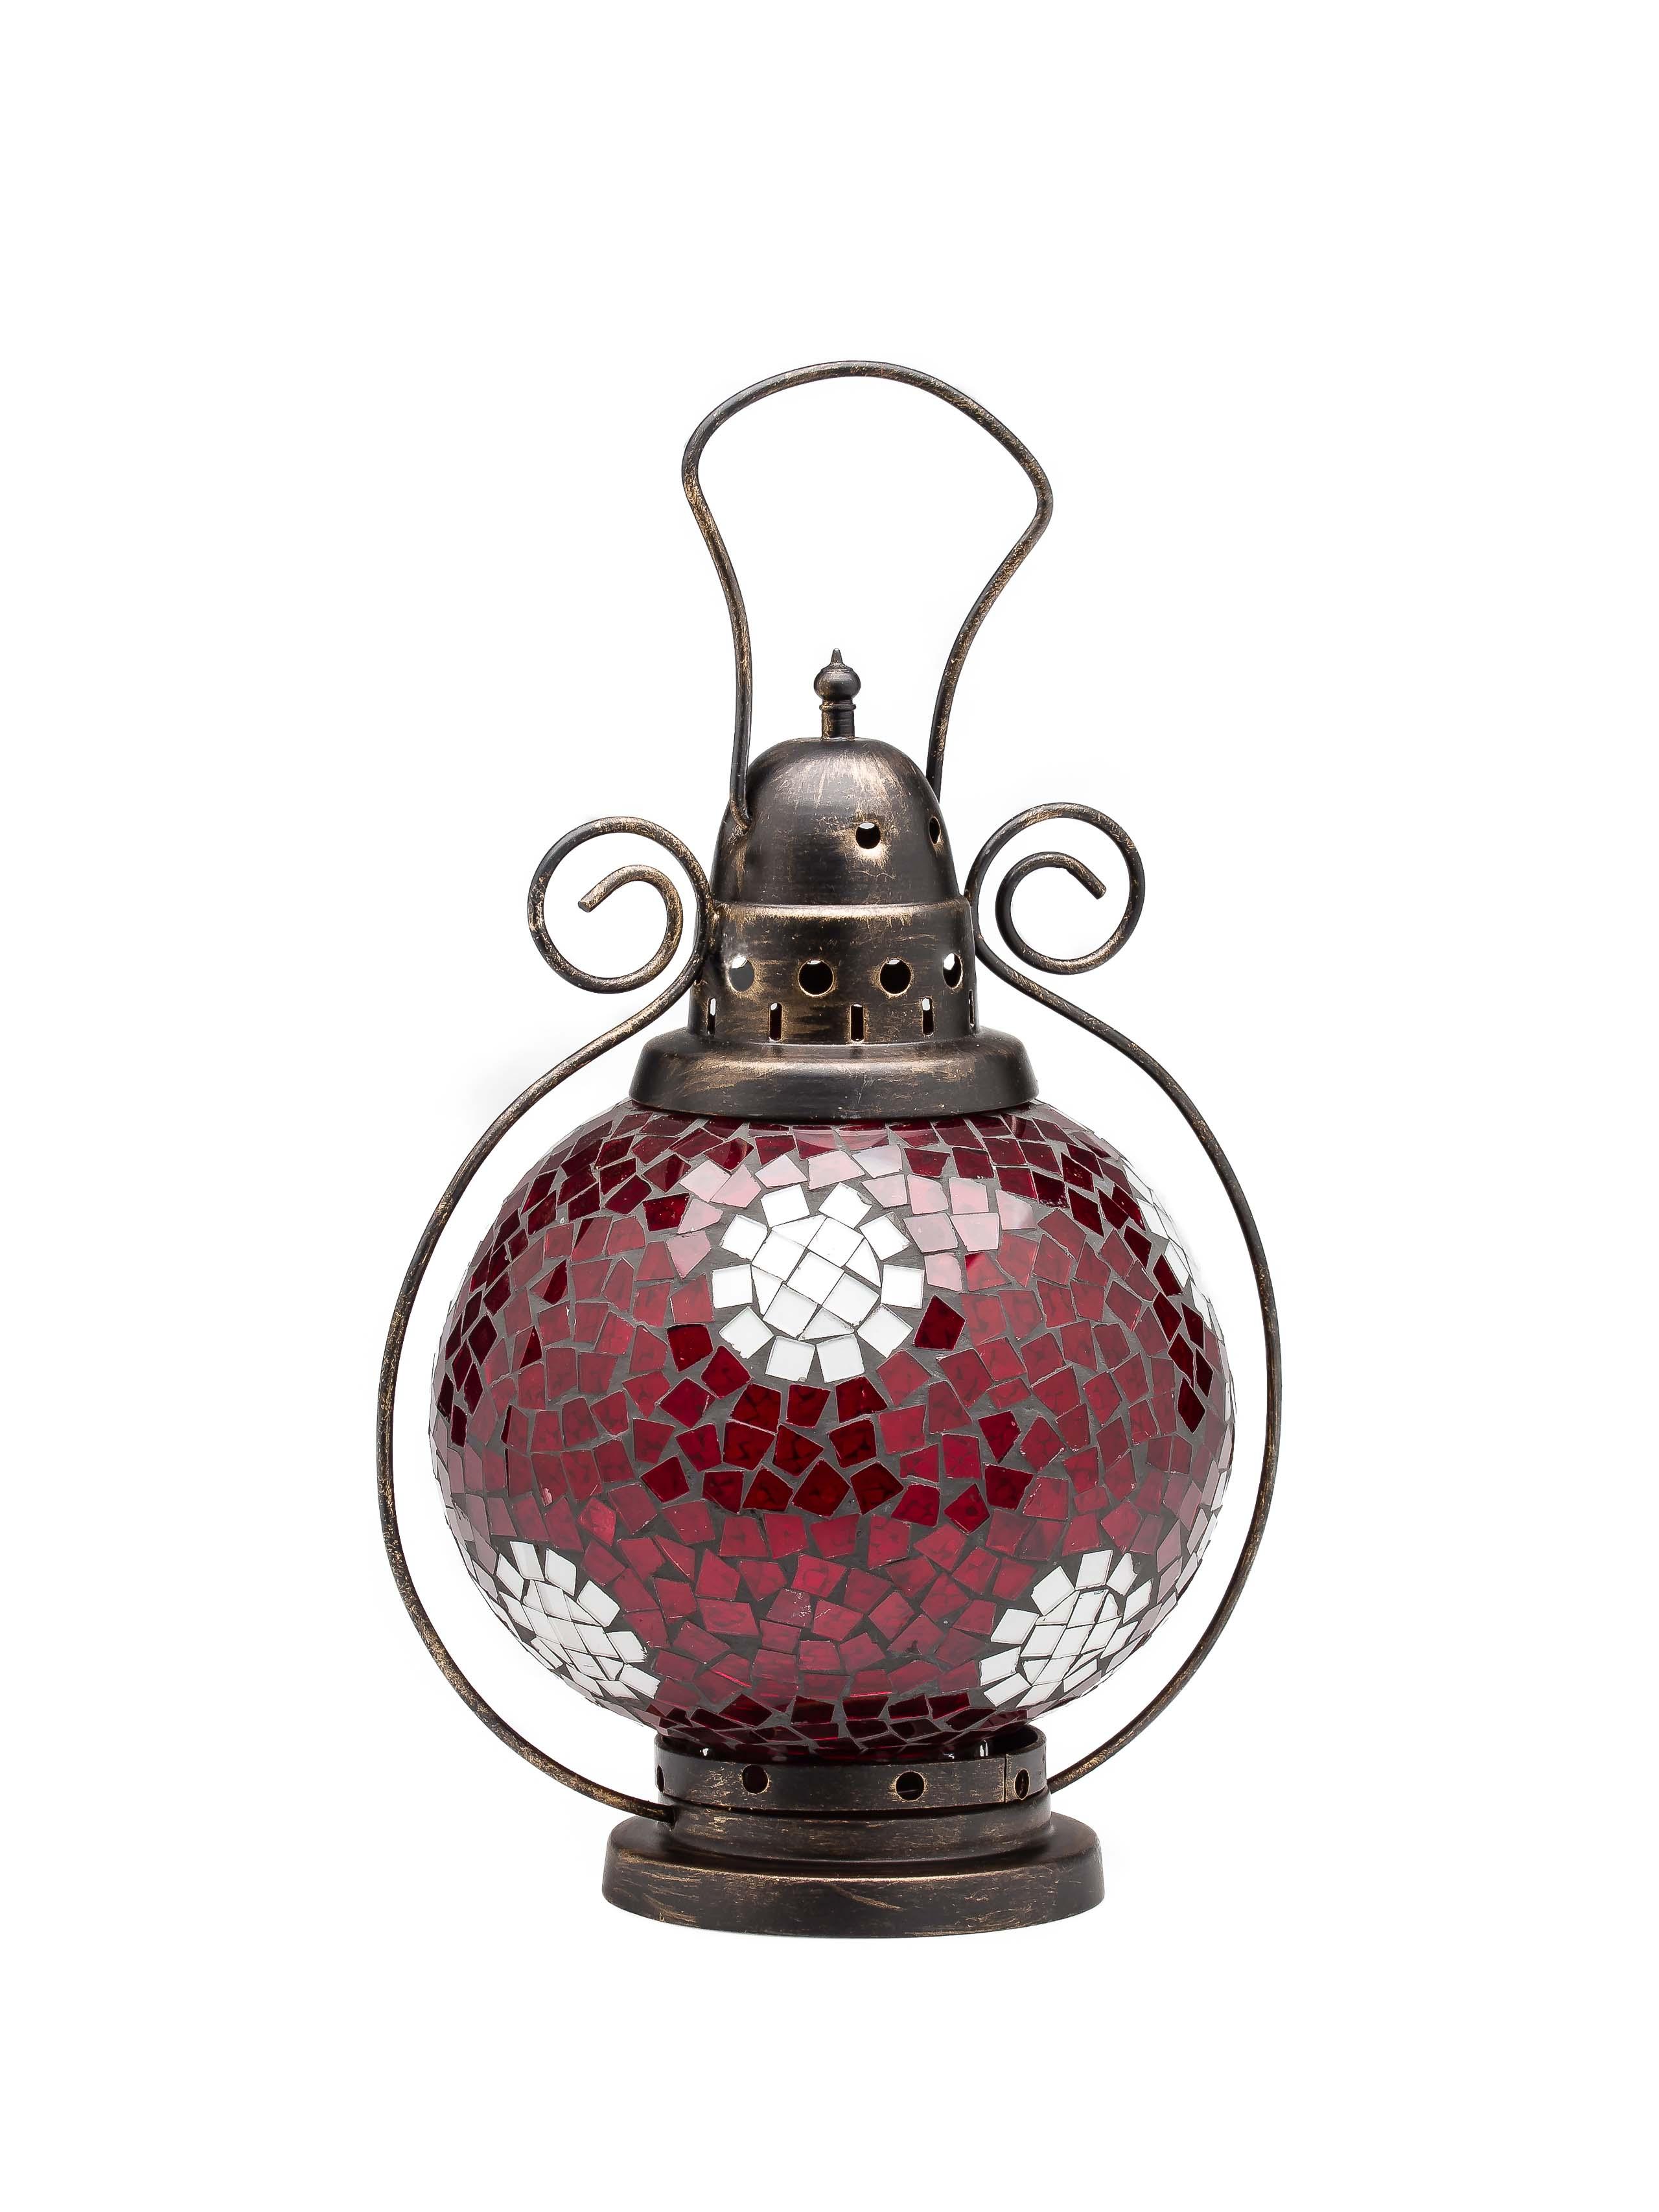 Windlicht Laterne Lampe Teelicht Garten Terasse Haus Glas rot weiss 31cm  Aubaho